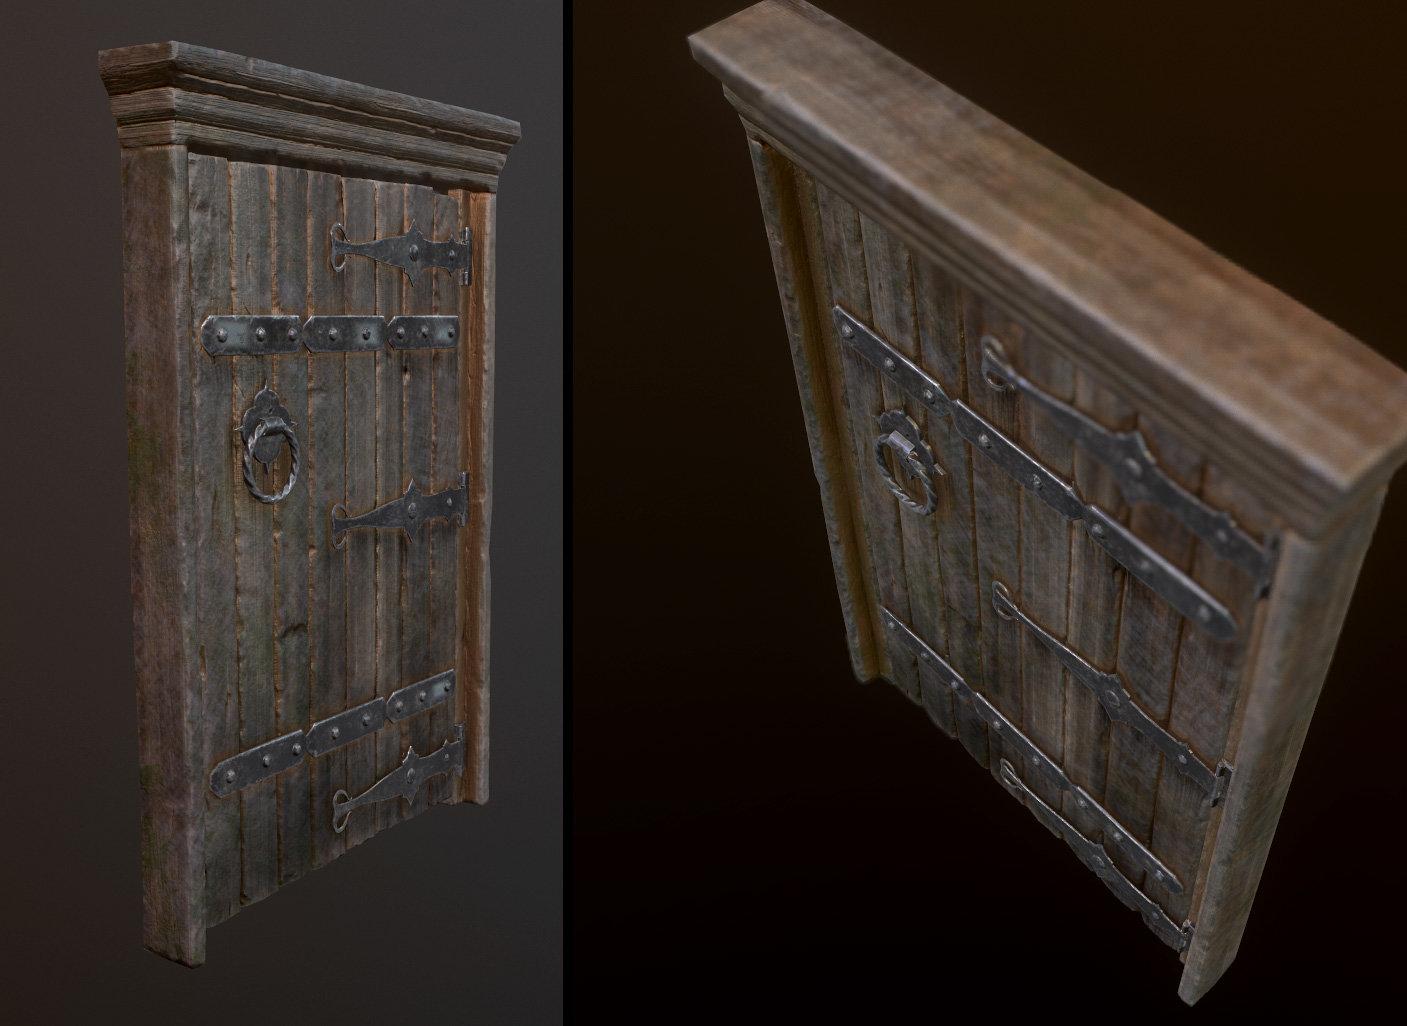 aurelien-vaillant-wooden-door2.jpg?1433721431